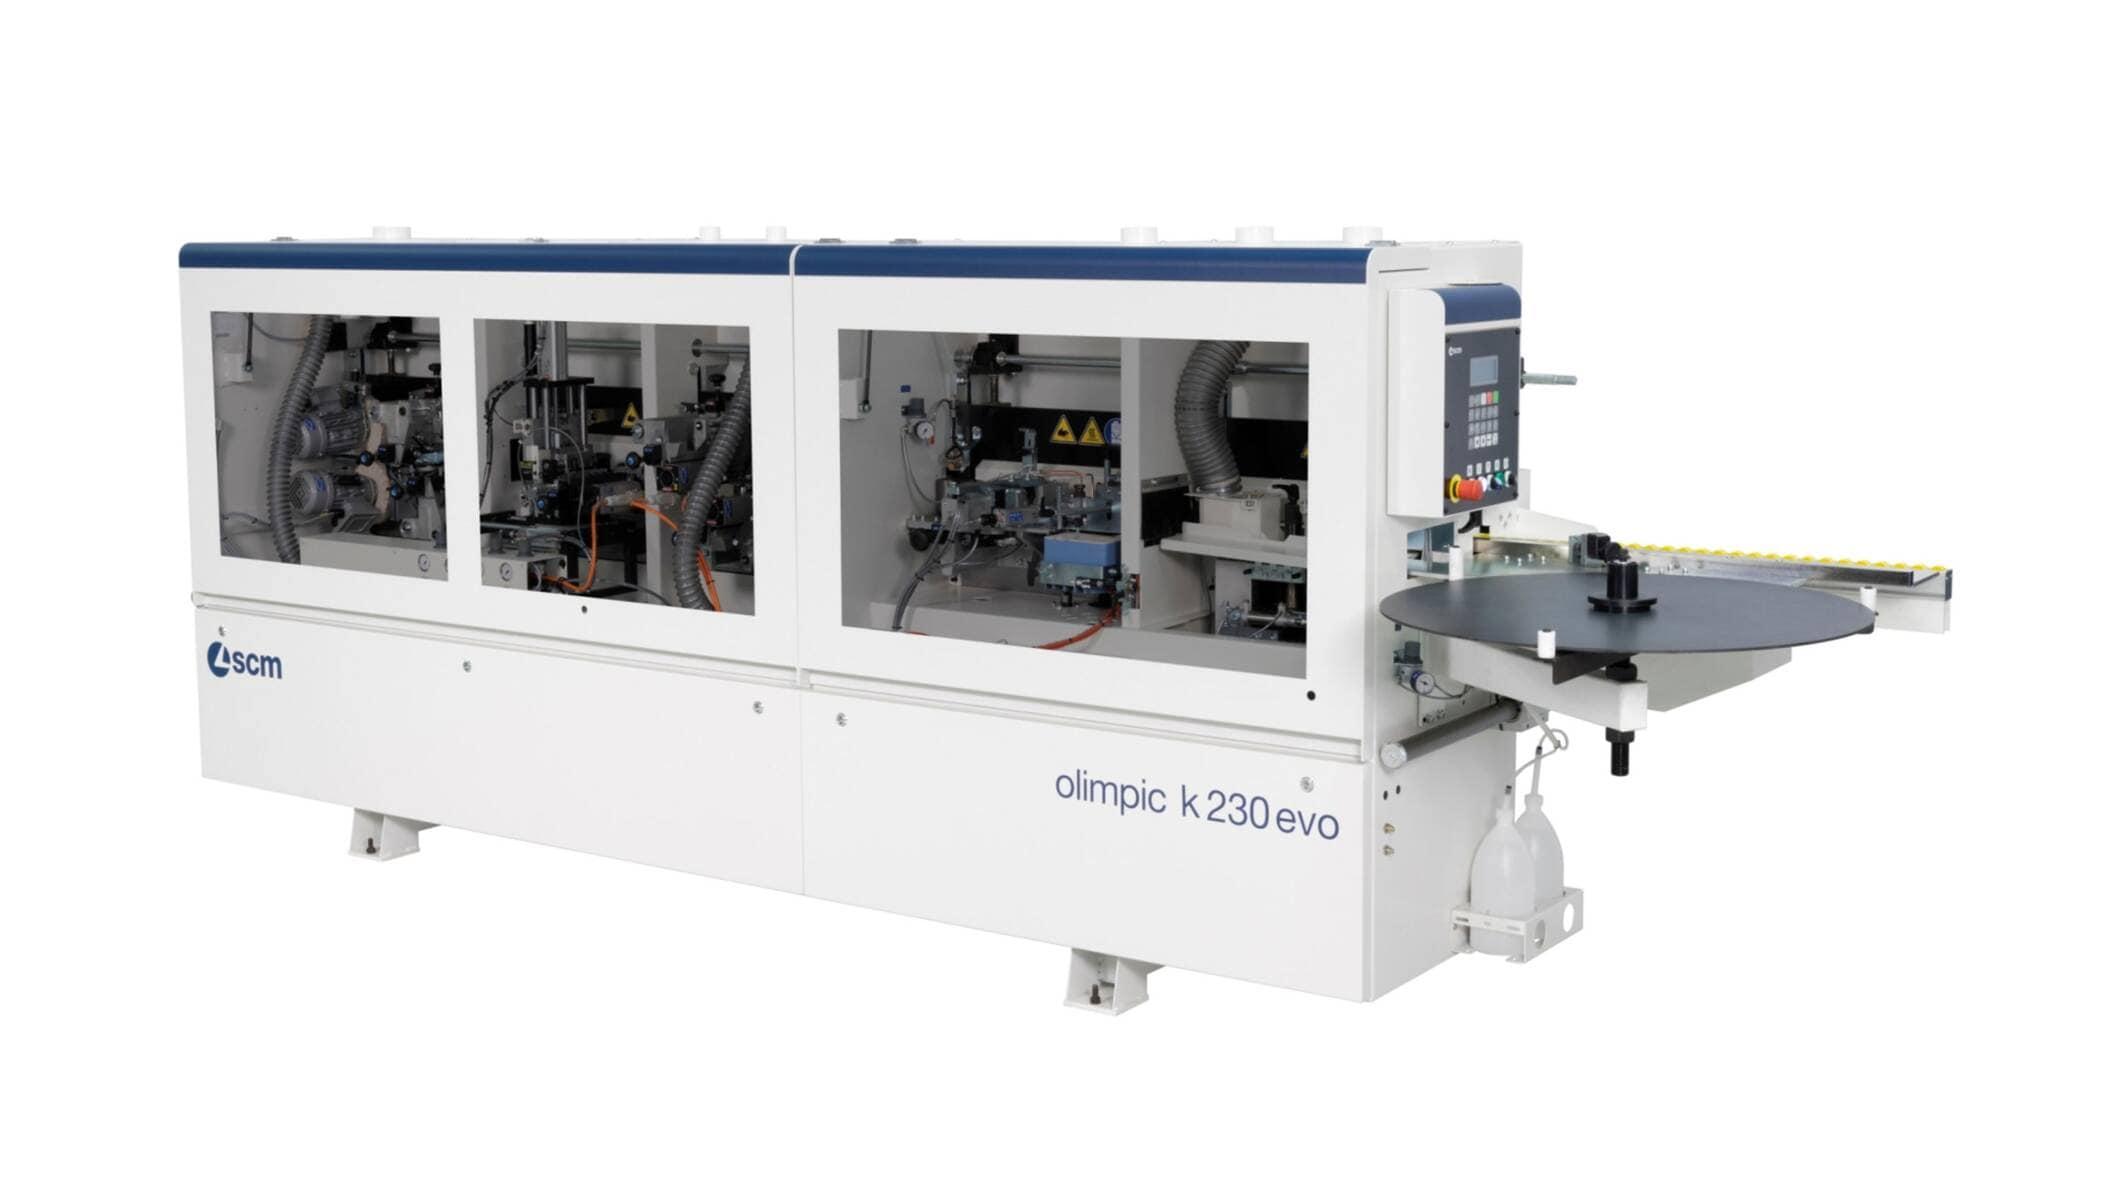 Single-Sided Automatic Edge Bander Olimpic K 230 Evo - SCM Group